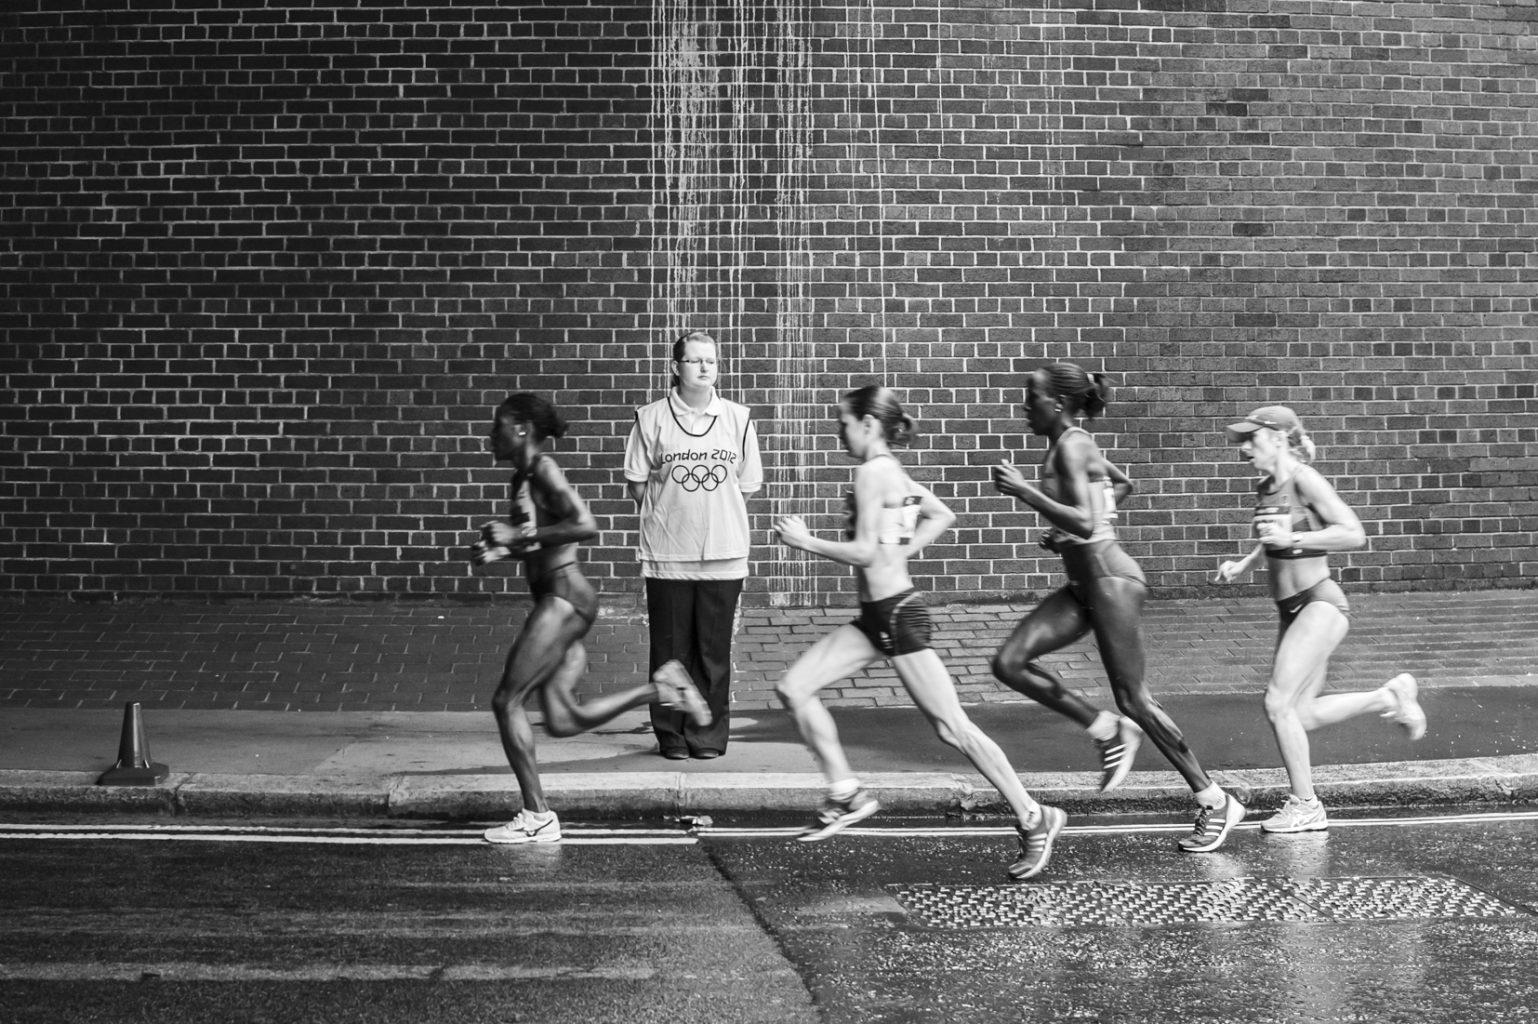 Olympischer Marathon der Frauen, London, 5. August 2012